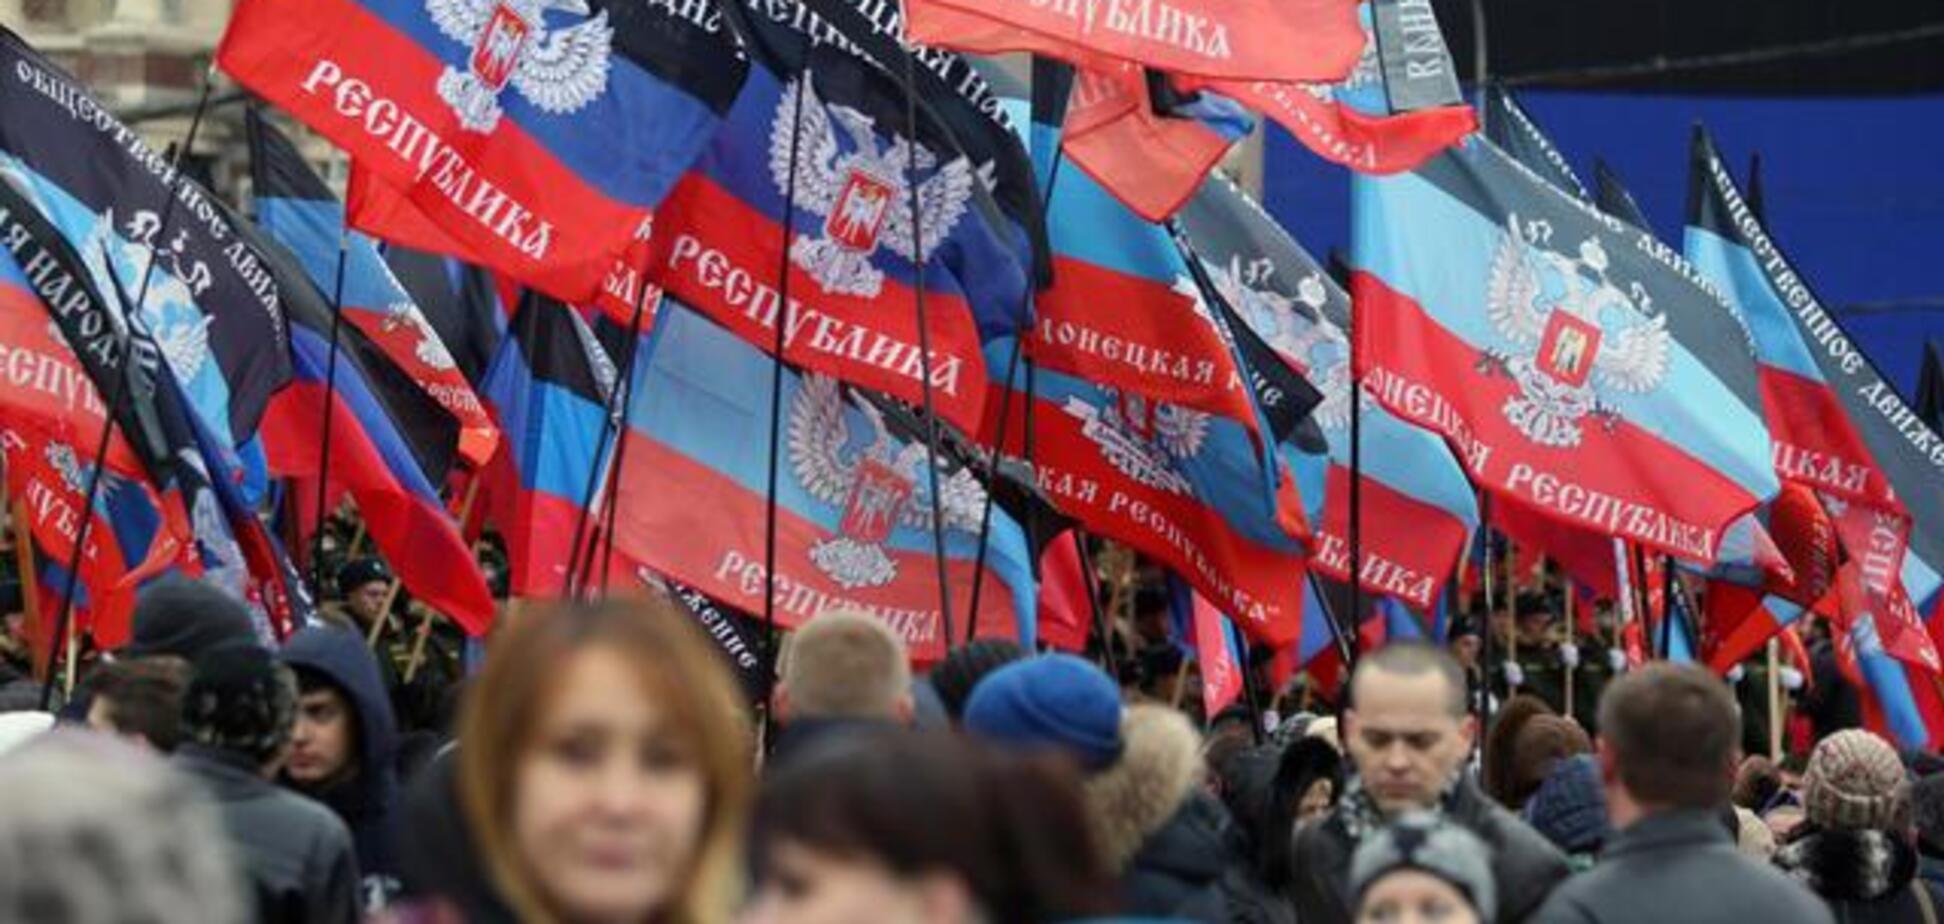 'Скоро цей накип забудеться!' Мережу потішило фото з убитим ватажком 'ДНР'